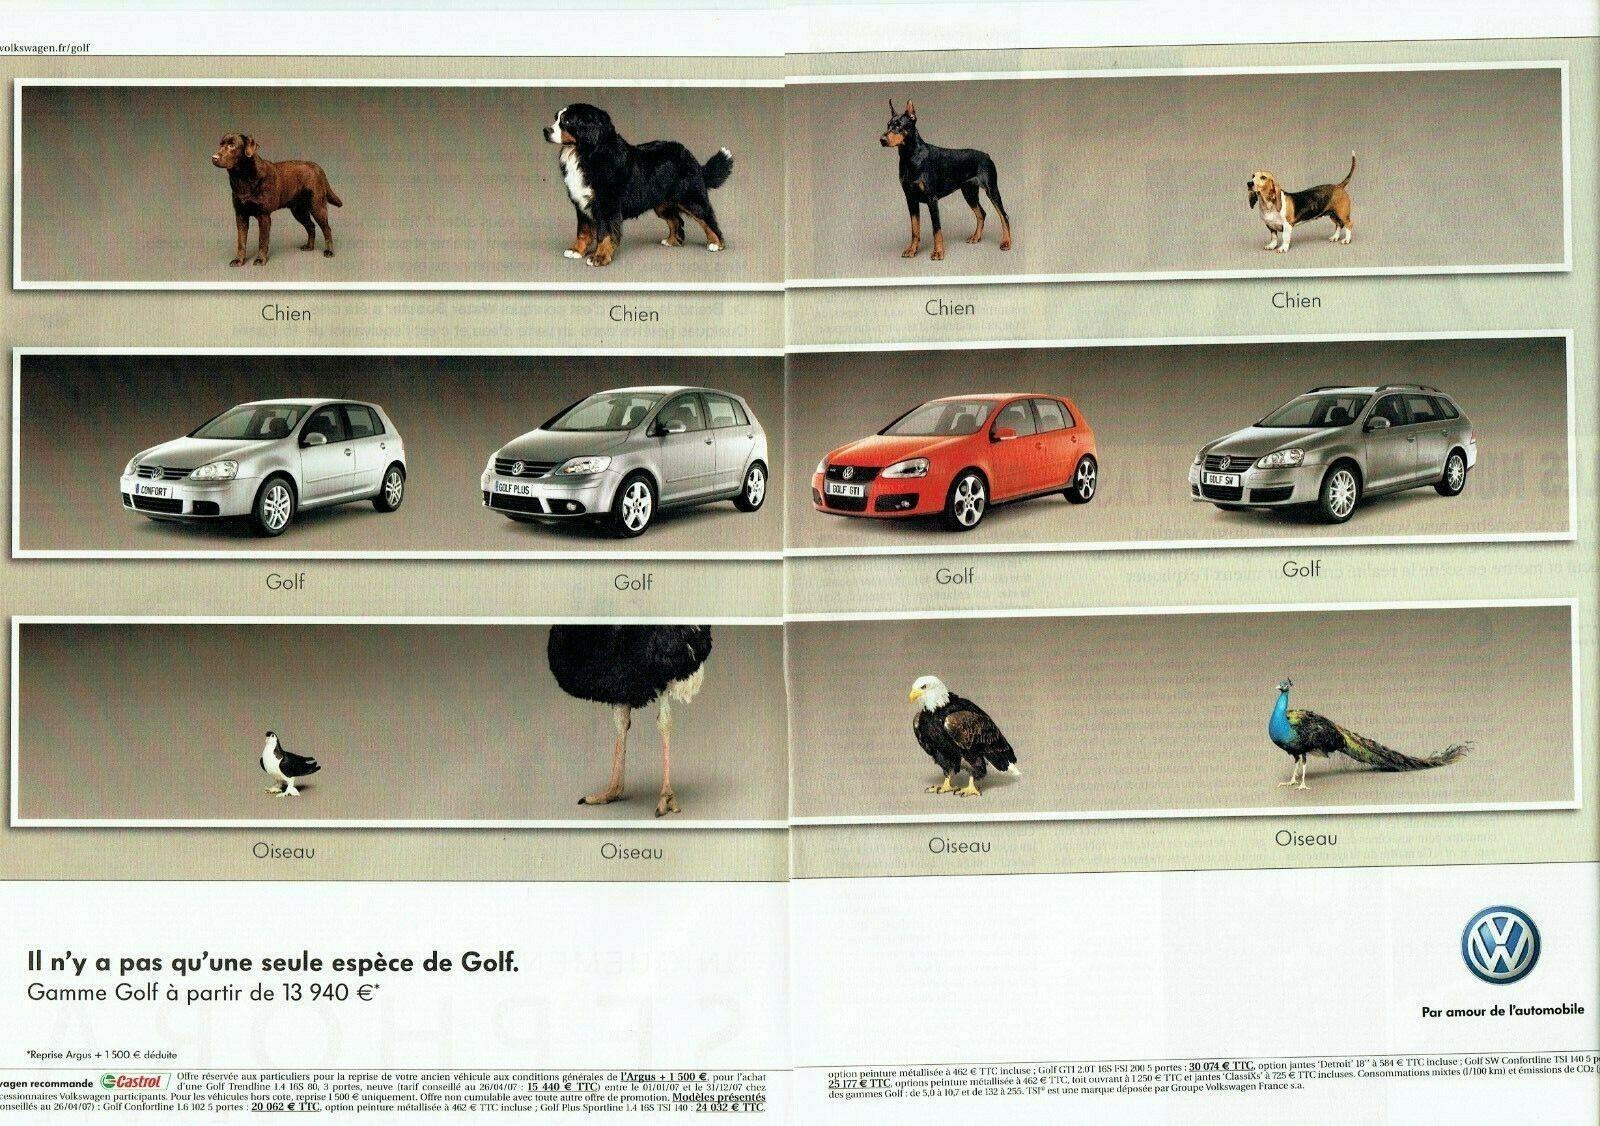 2007 Volkswagen gamme Golf